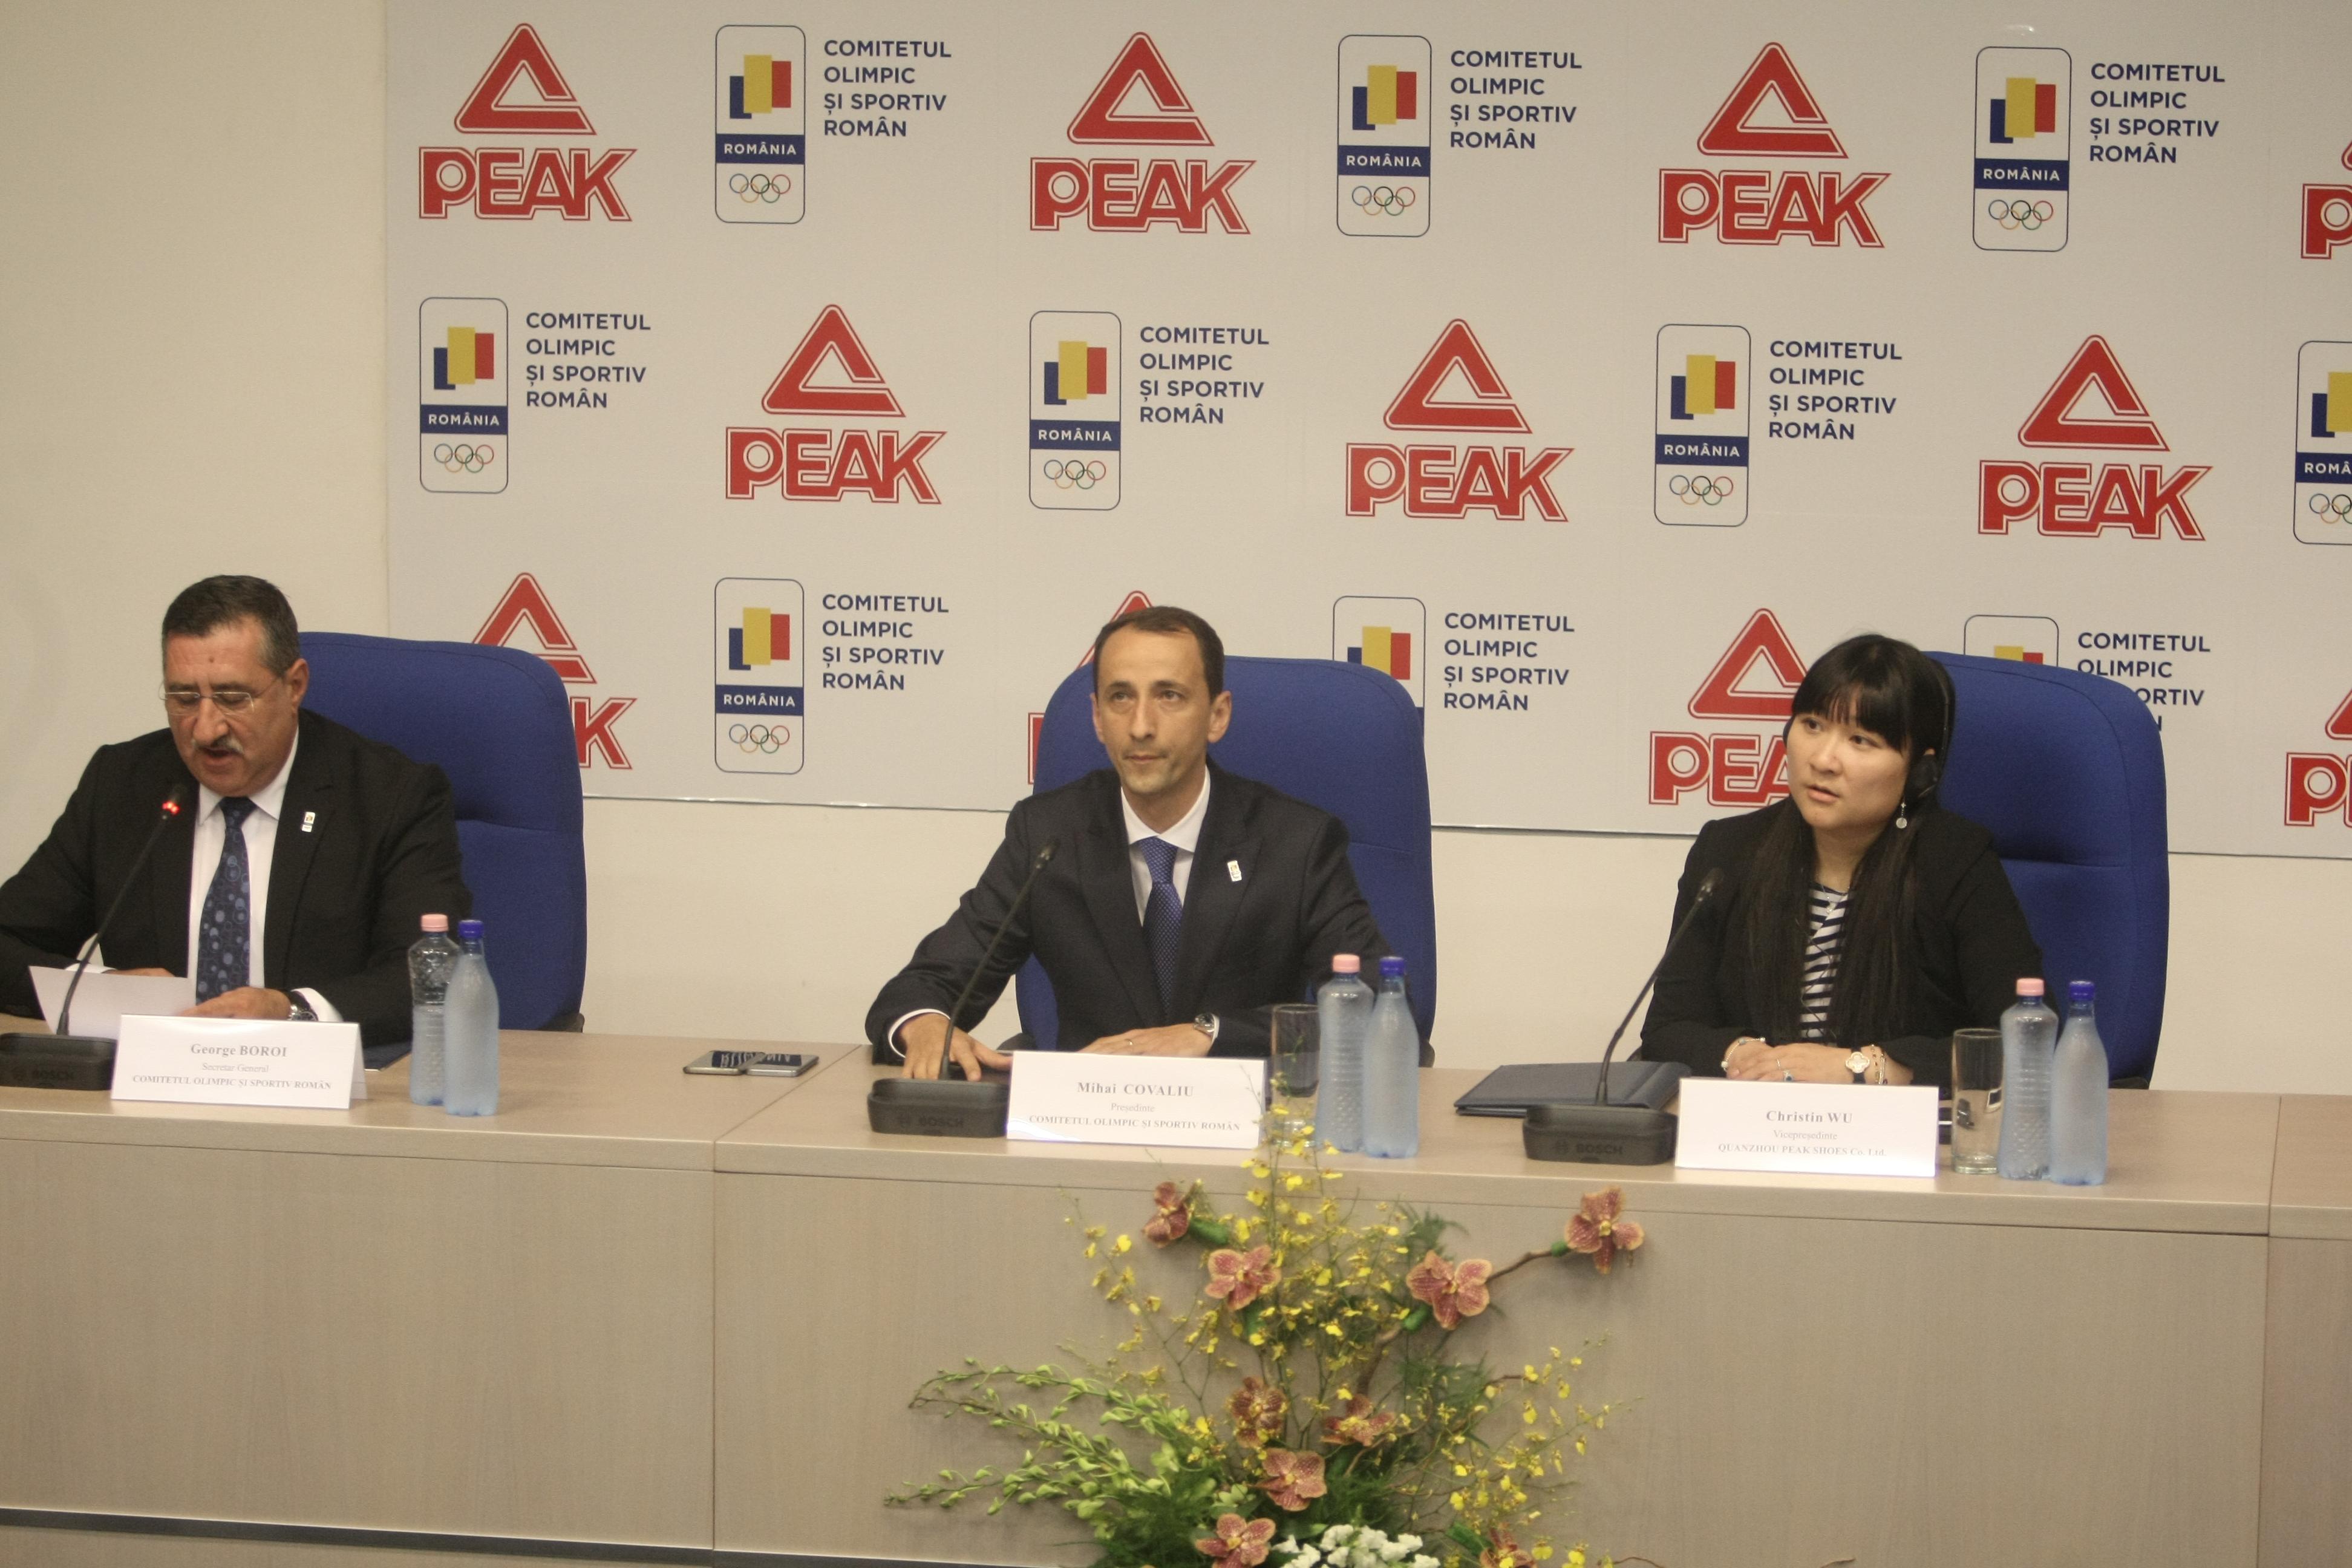 Mihai Covaliu (centru), încadrat de George Boroi (stânga) și reprezentantul firmei Peak